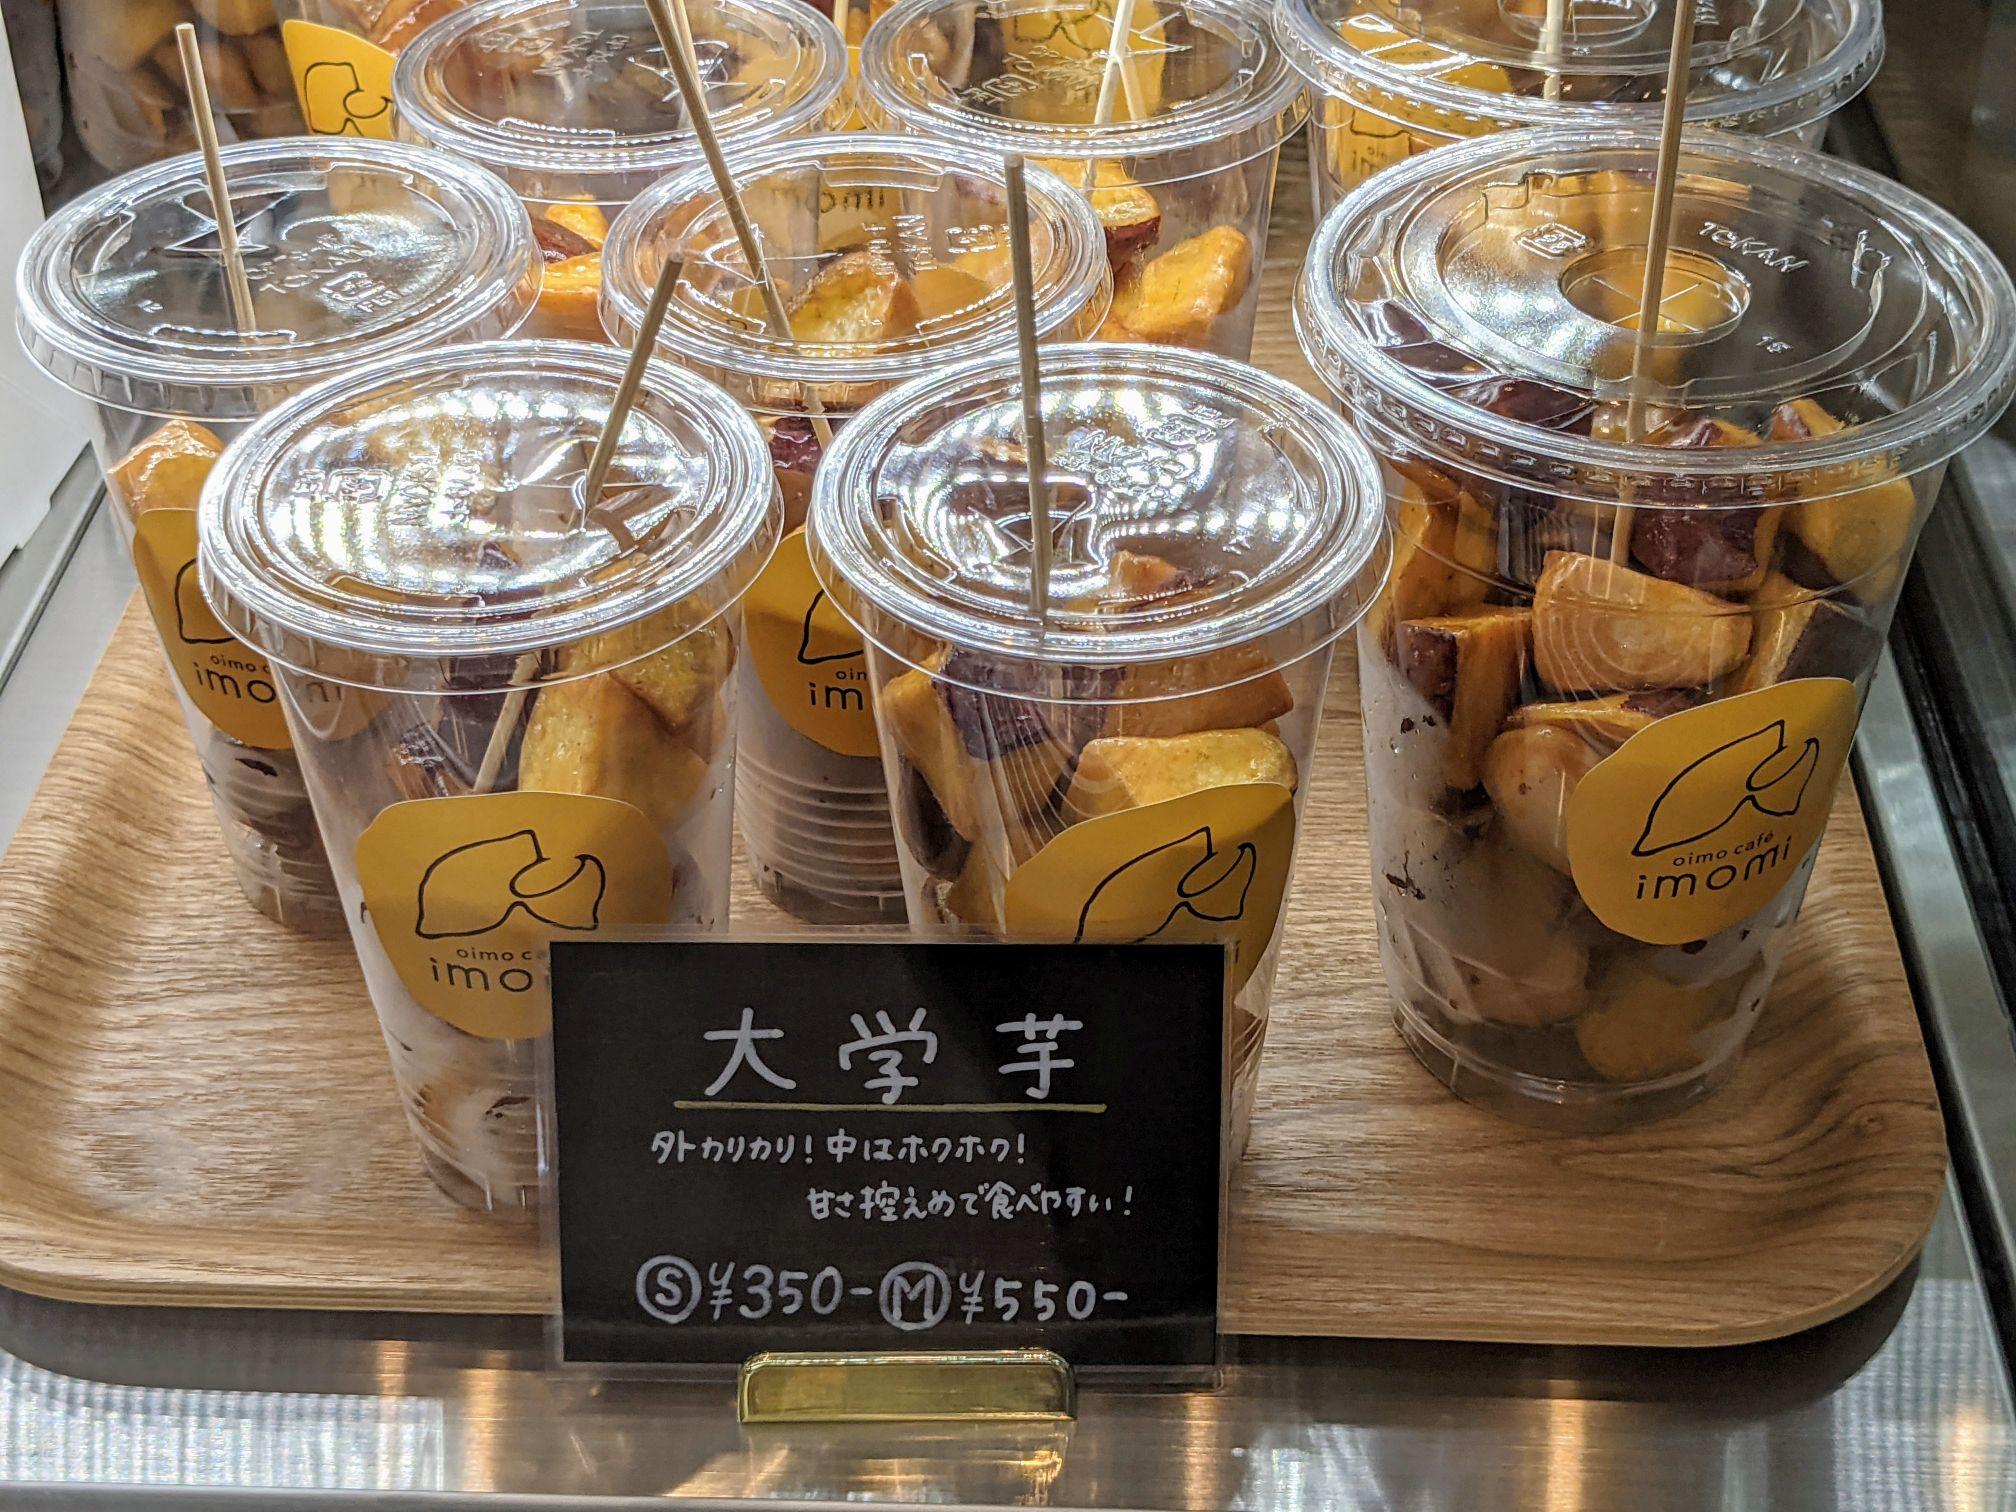 oimo cafe imomi内観